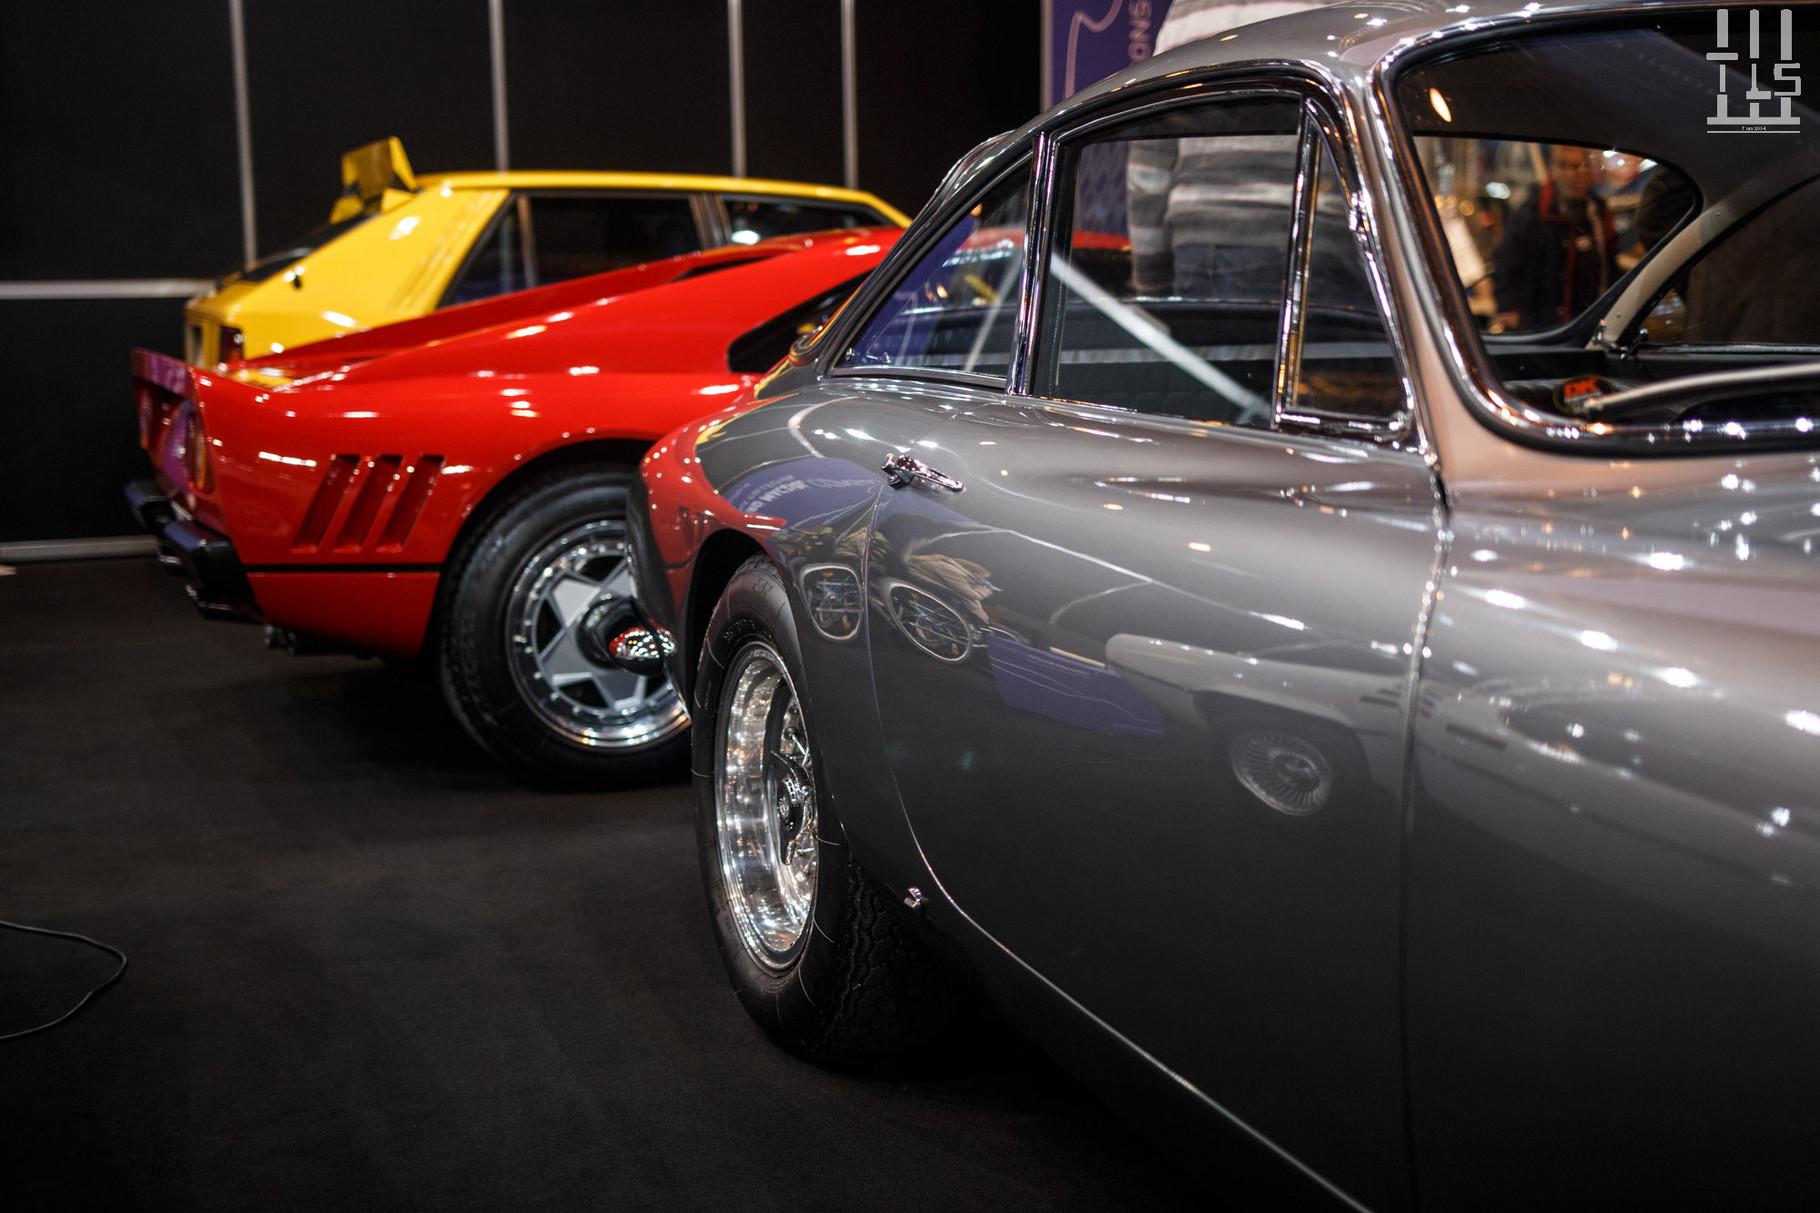 Sur le stand d'un vendeur Anglais que je ne connaissais pas, j'ai trouvé cette Ferrari 288 GTO accompagnée par une Ferrari 250 GT Lusso. Mais ne négligeons pas la Lancia Delta HF Integrale en arrière-plan ! Toutes trois étaient superbes.